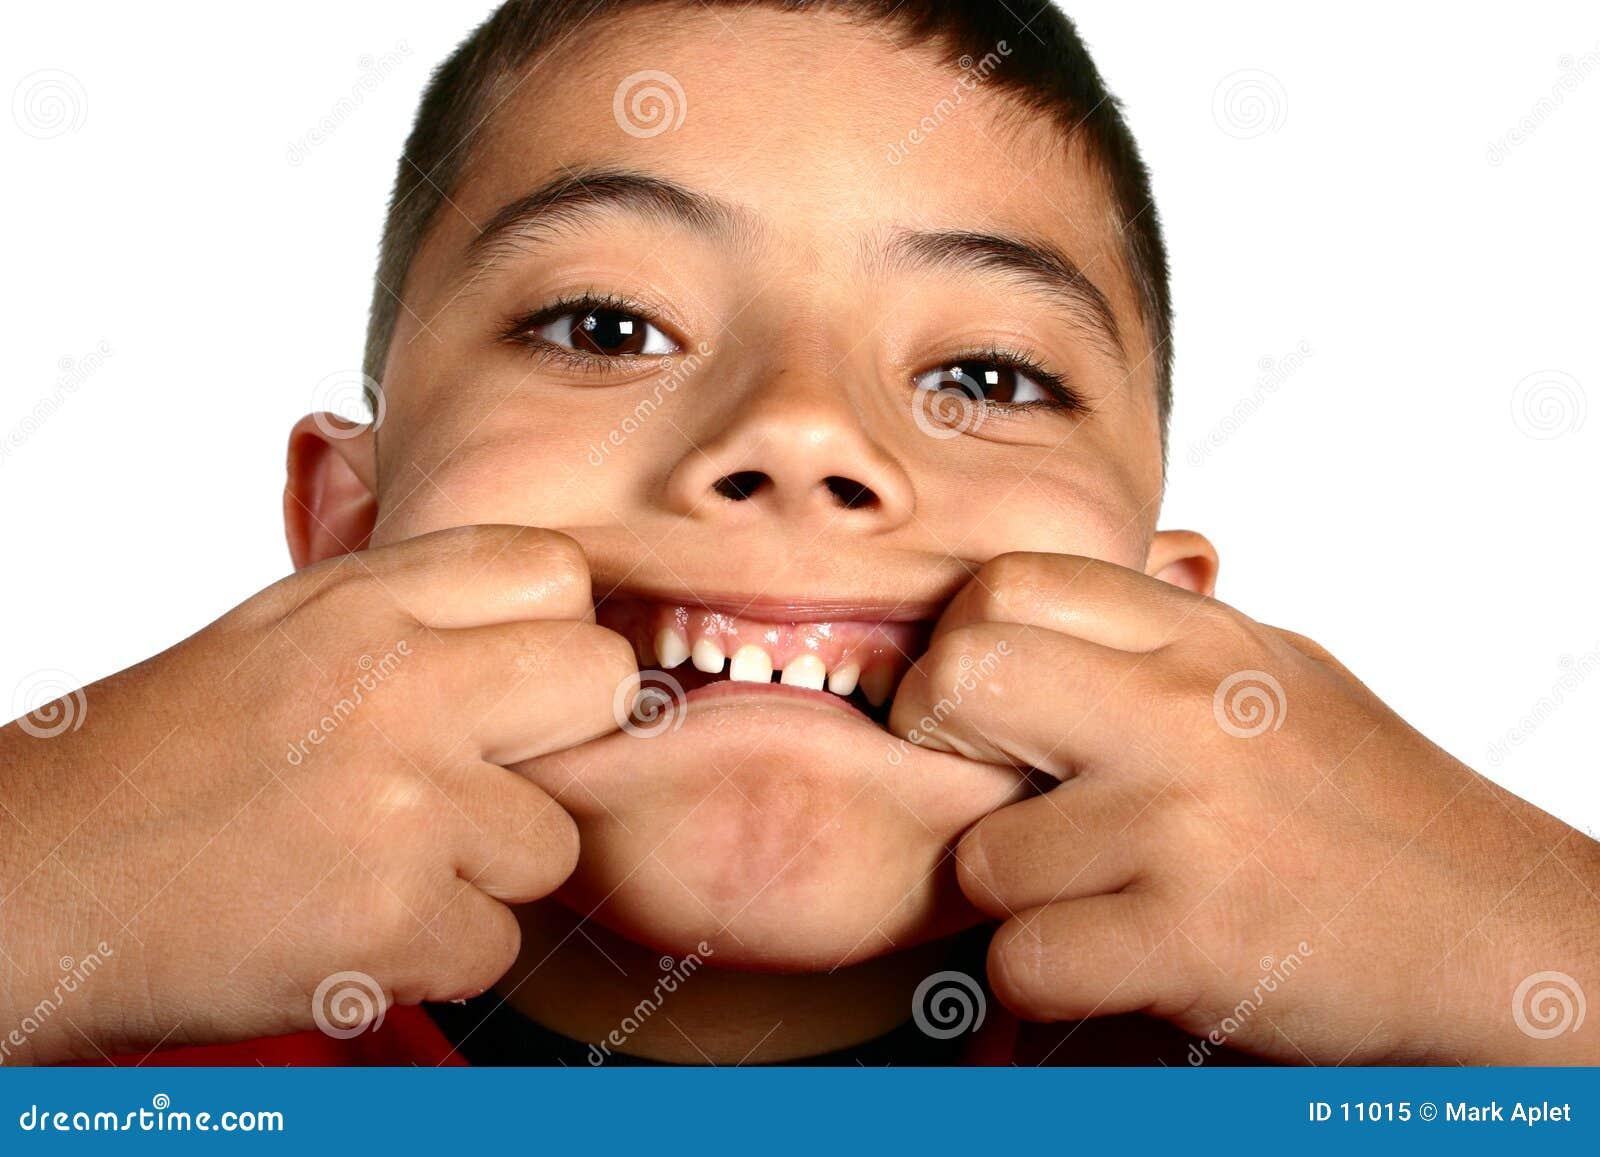 Facial expression boy